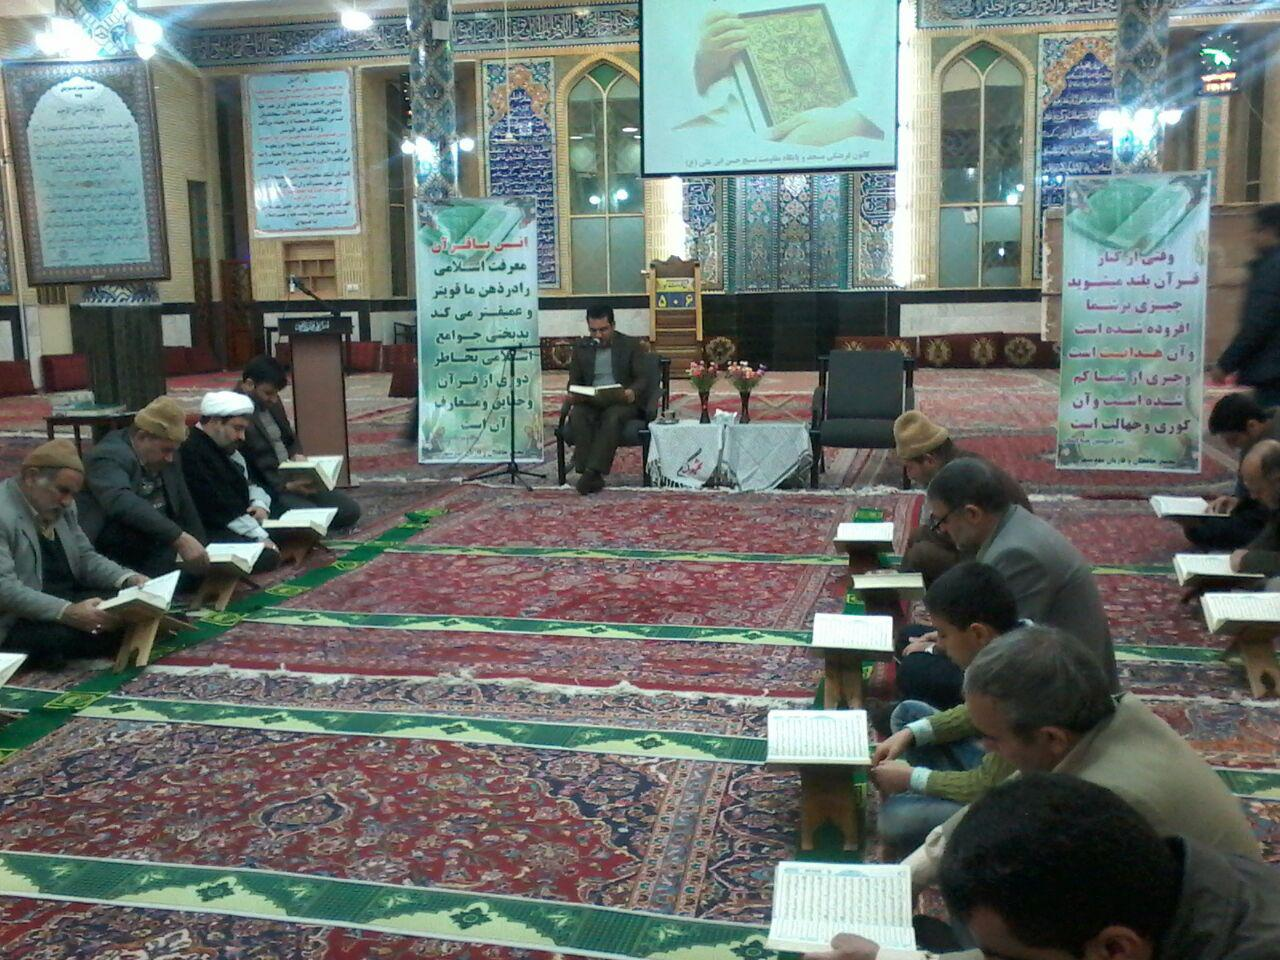 تصاویری از محفل نورانی مجمع حافظان و قاریان شهرستان مهدیشهر در مسجد امام علی (ع) شهرک انقلاب